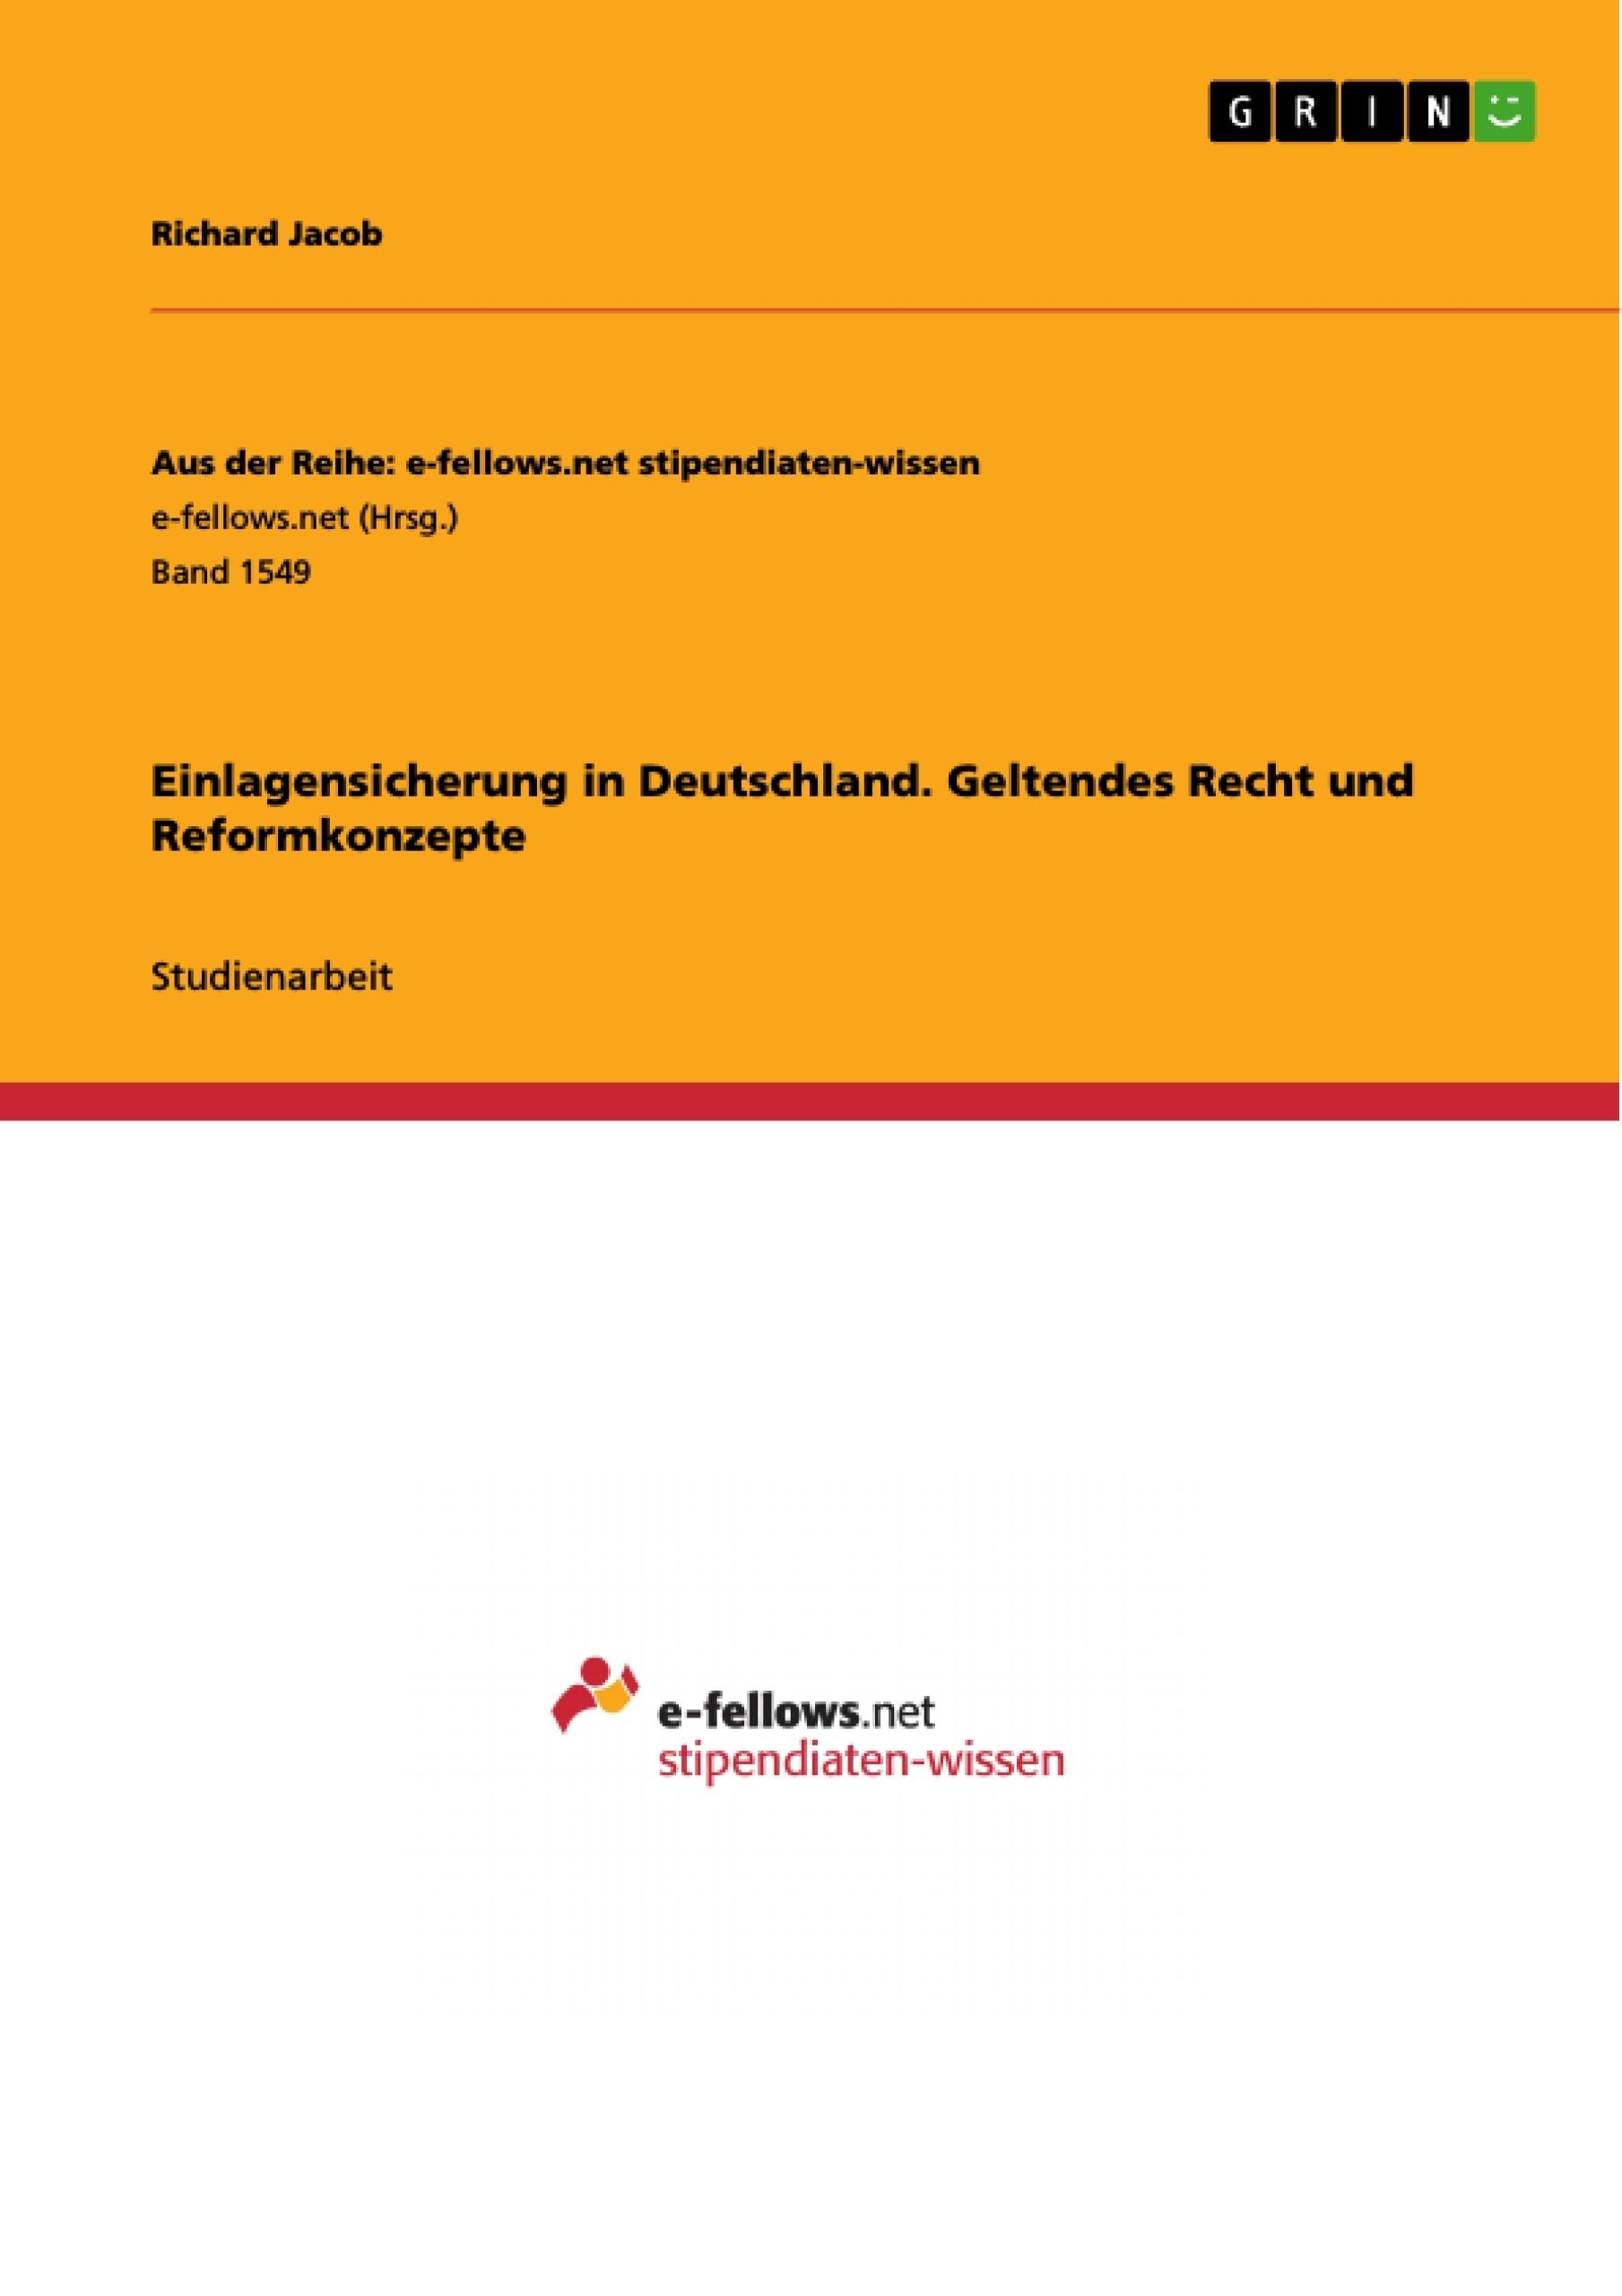 Titel: Einlagensicherung in Deutschland. Geltendes Recht und Reformkonzepte